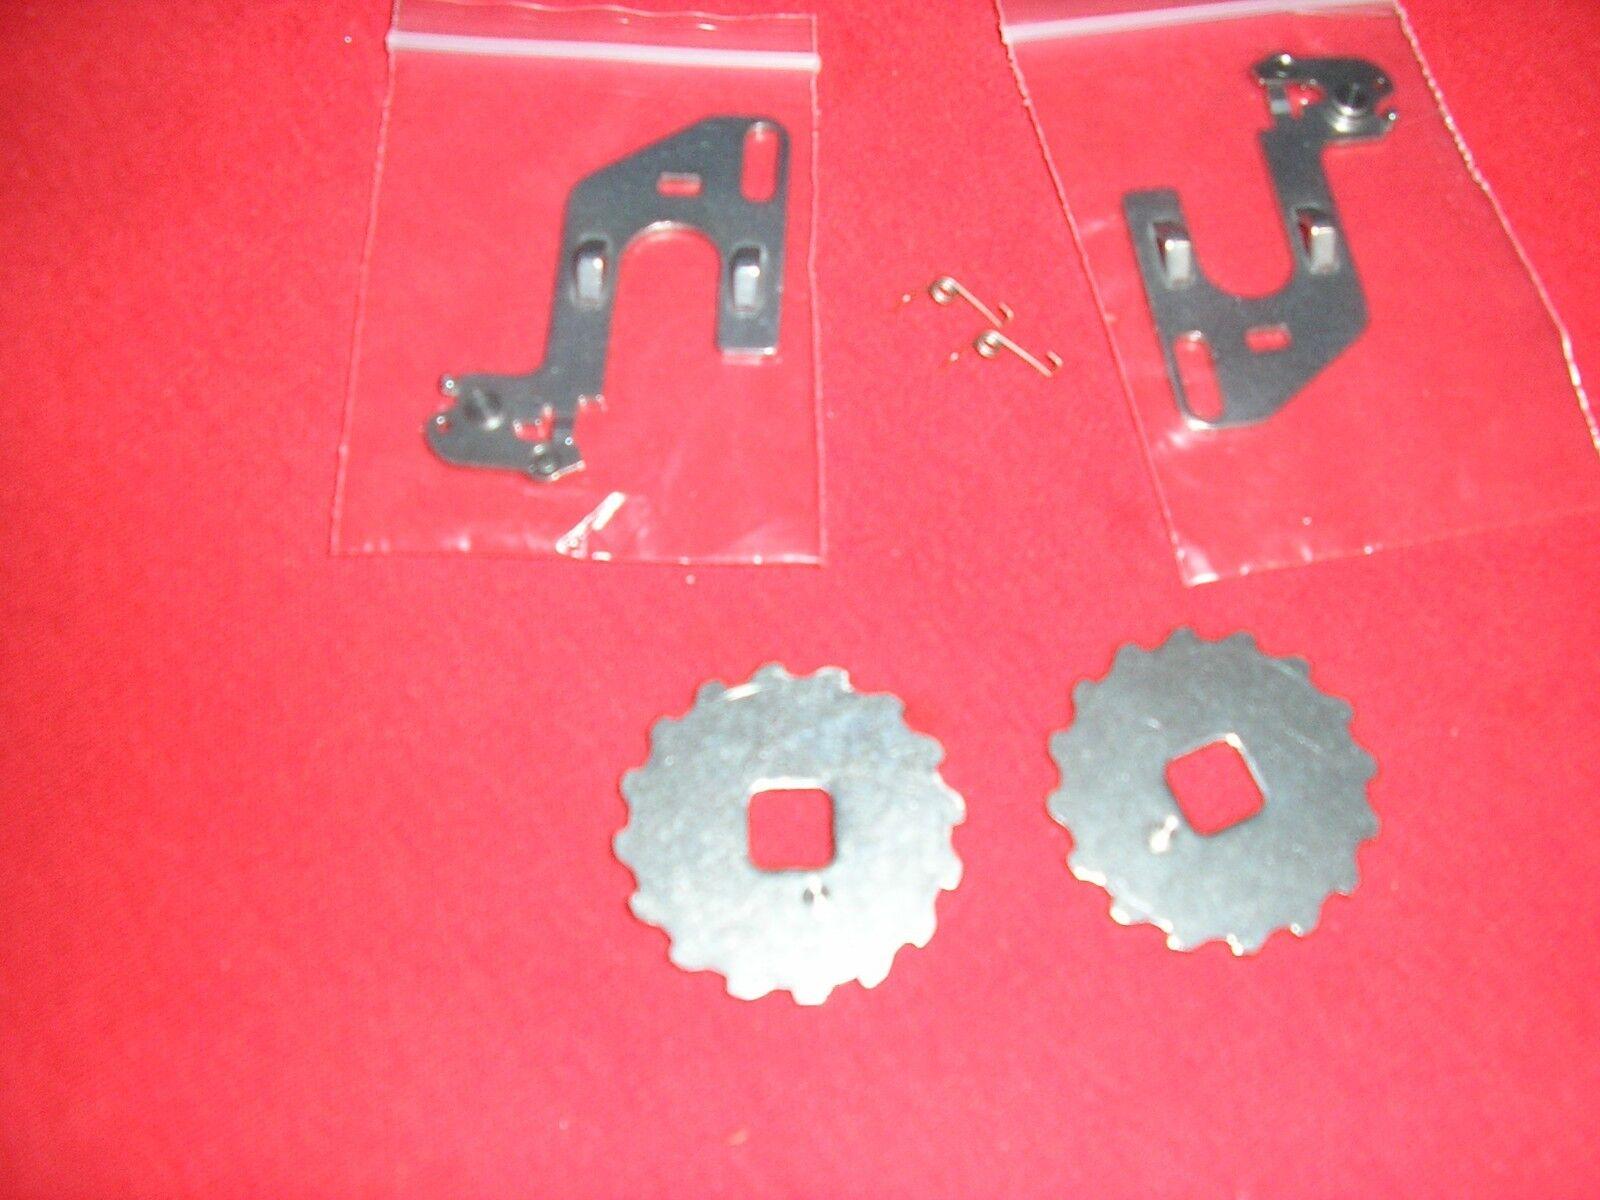 Daiwa reel repair parts & service